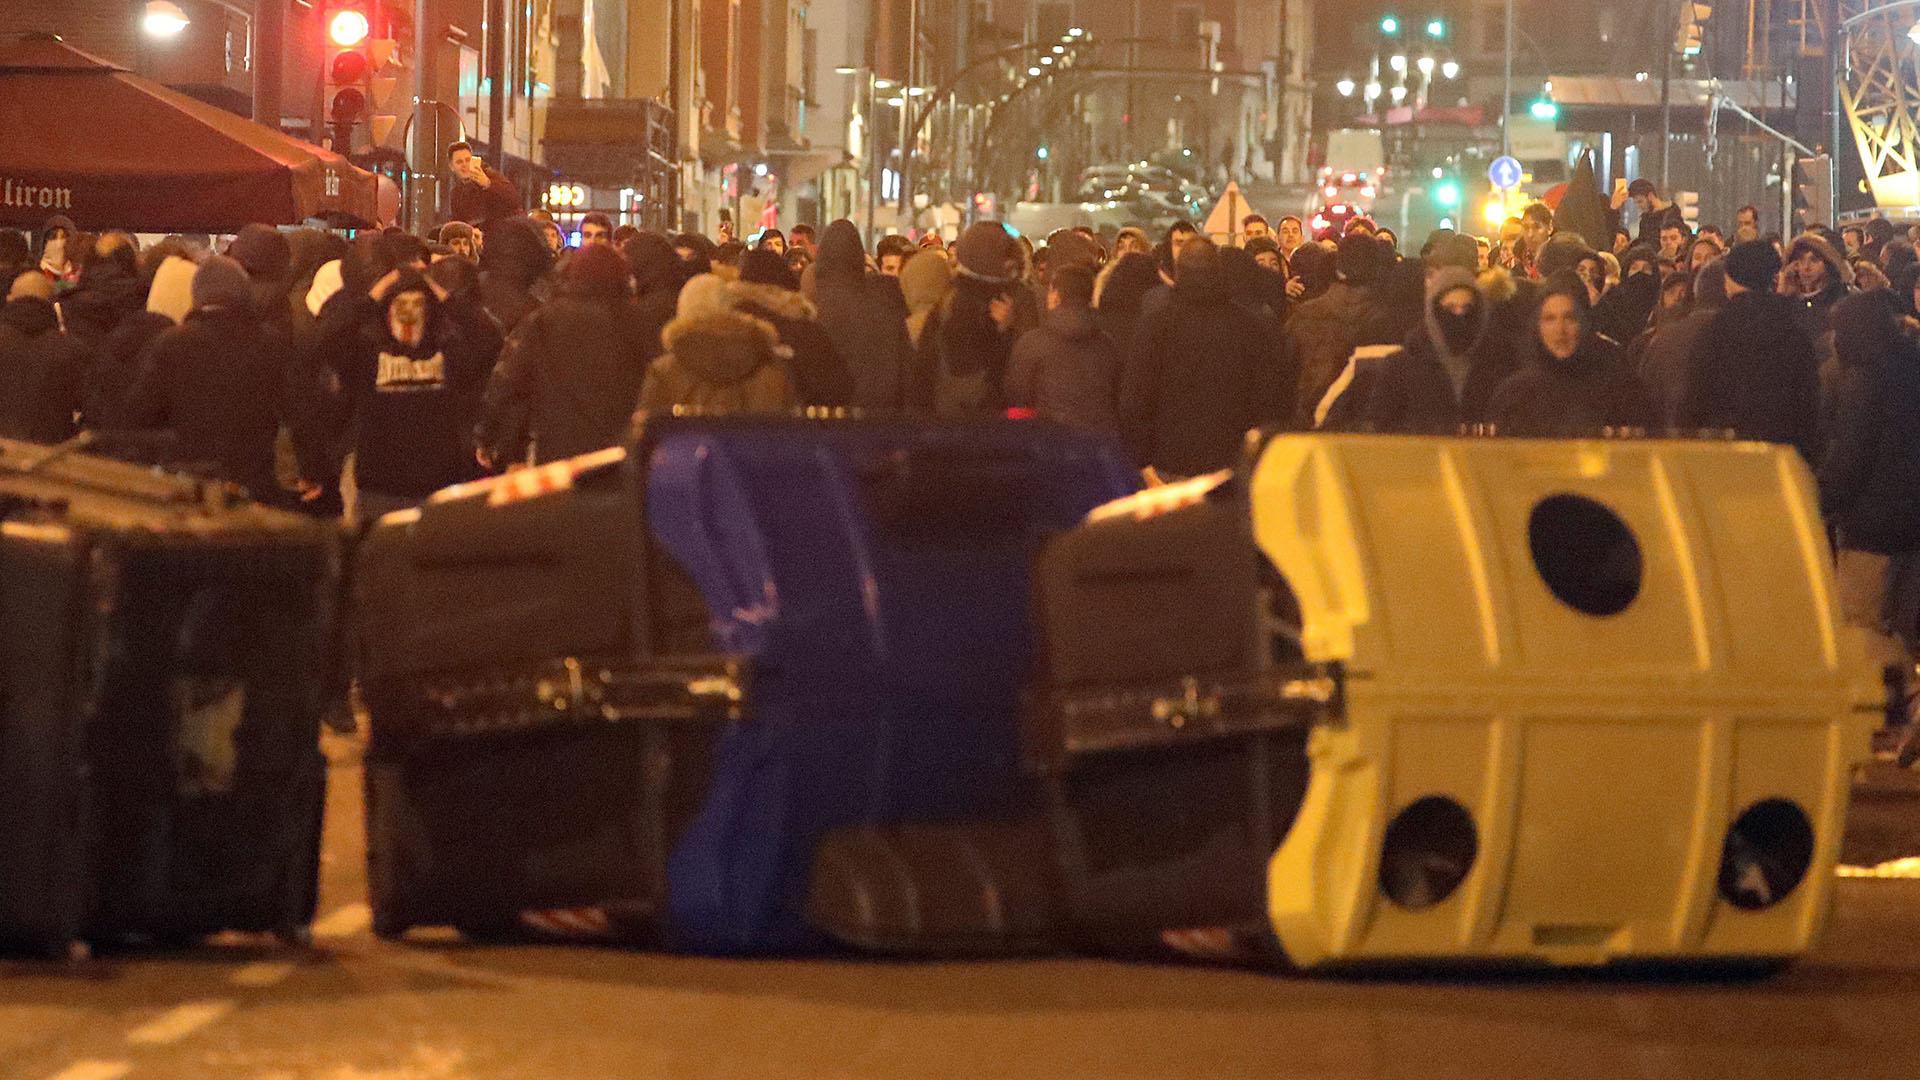 Los incidentes llegaron hasta las inmediaciones del estadio y allí intervino la policía